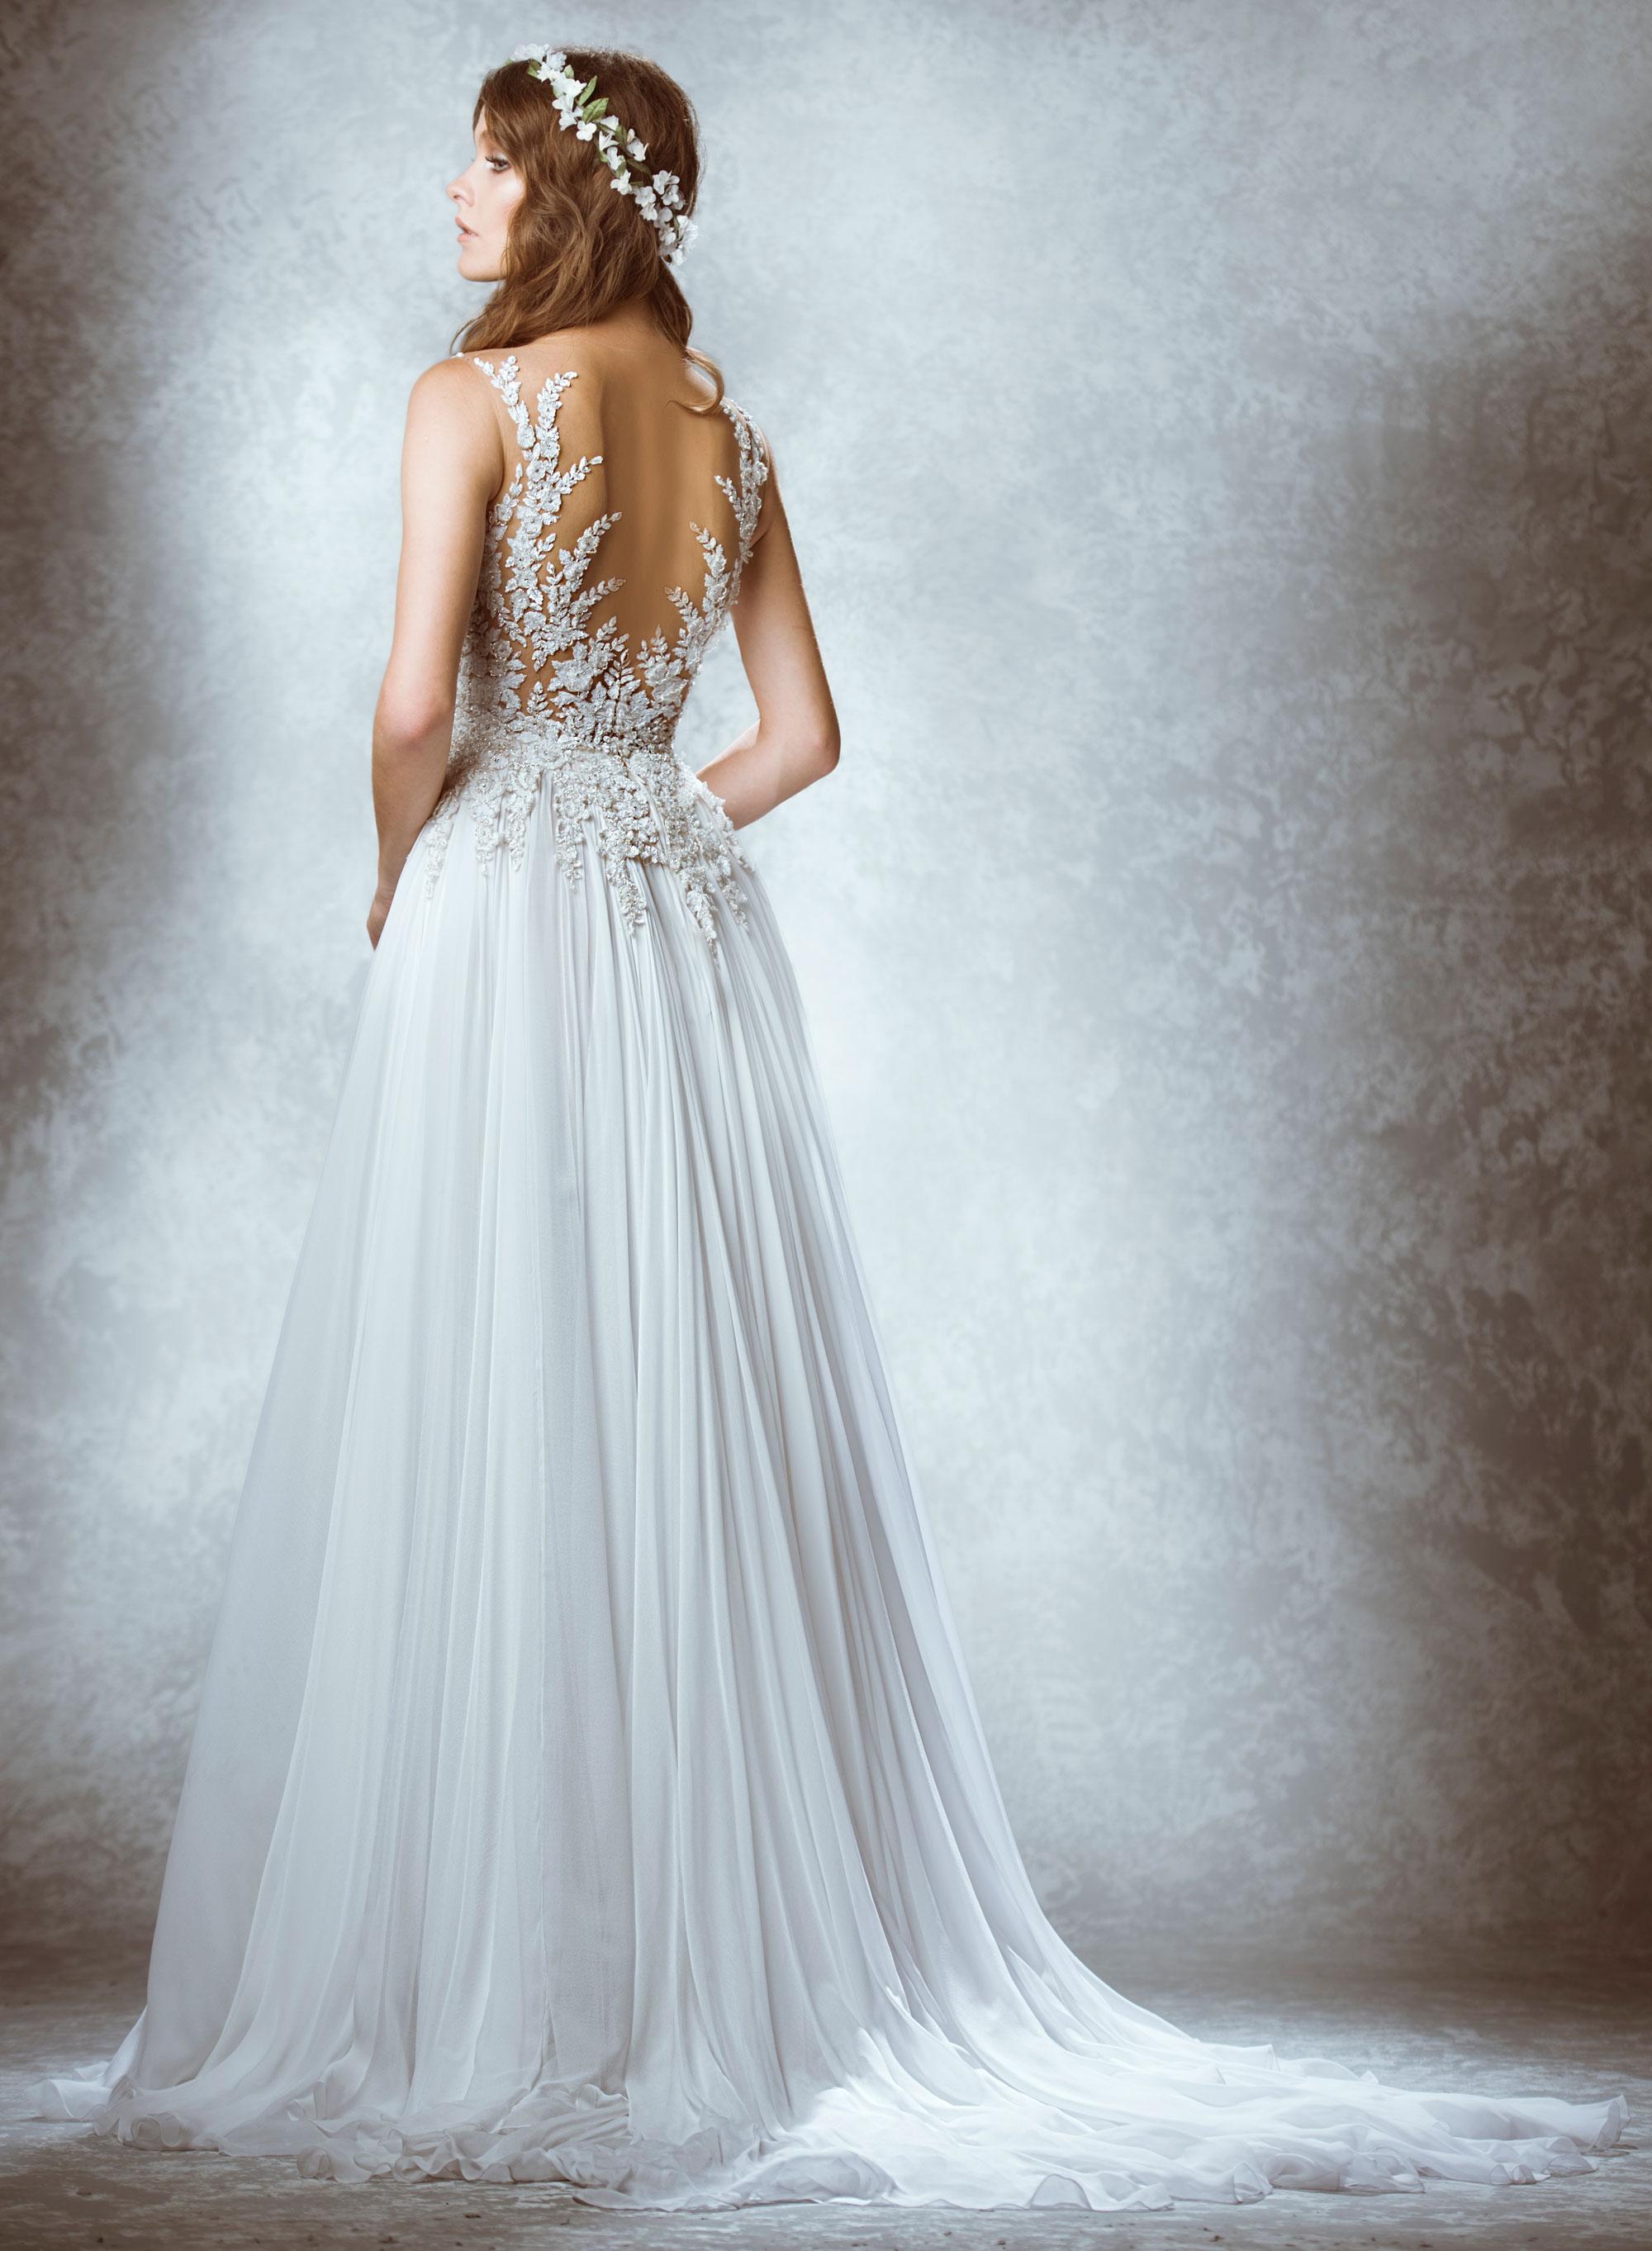 Свадебное платье с открытой спиной – фото новинки сезона